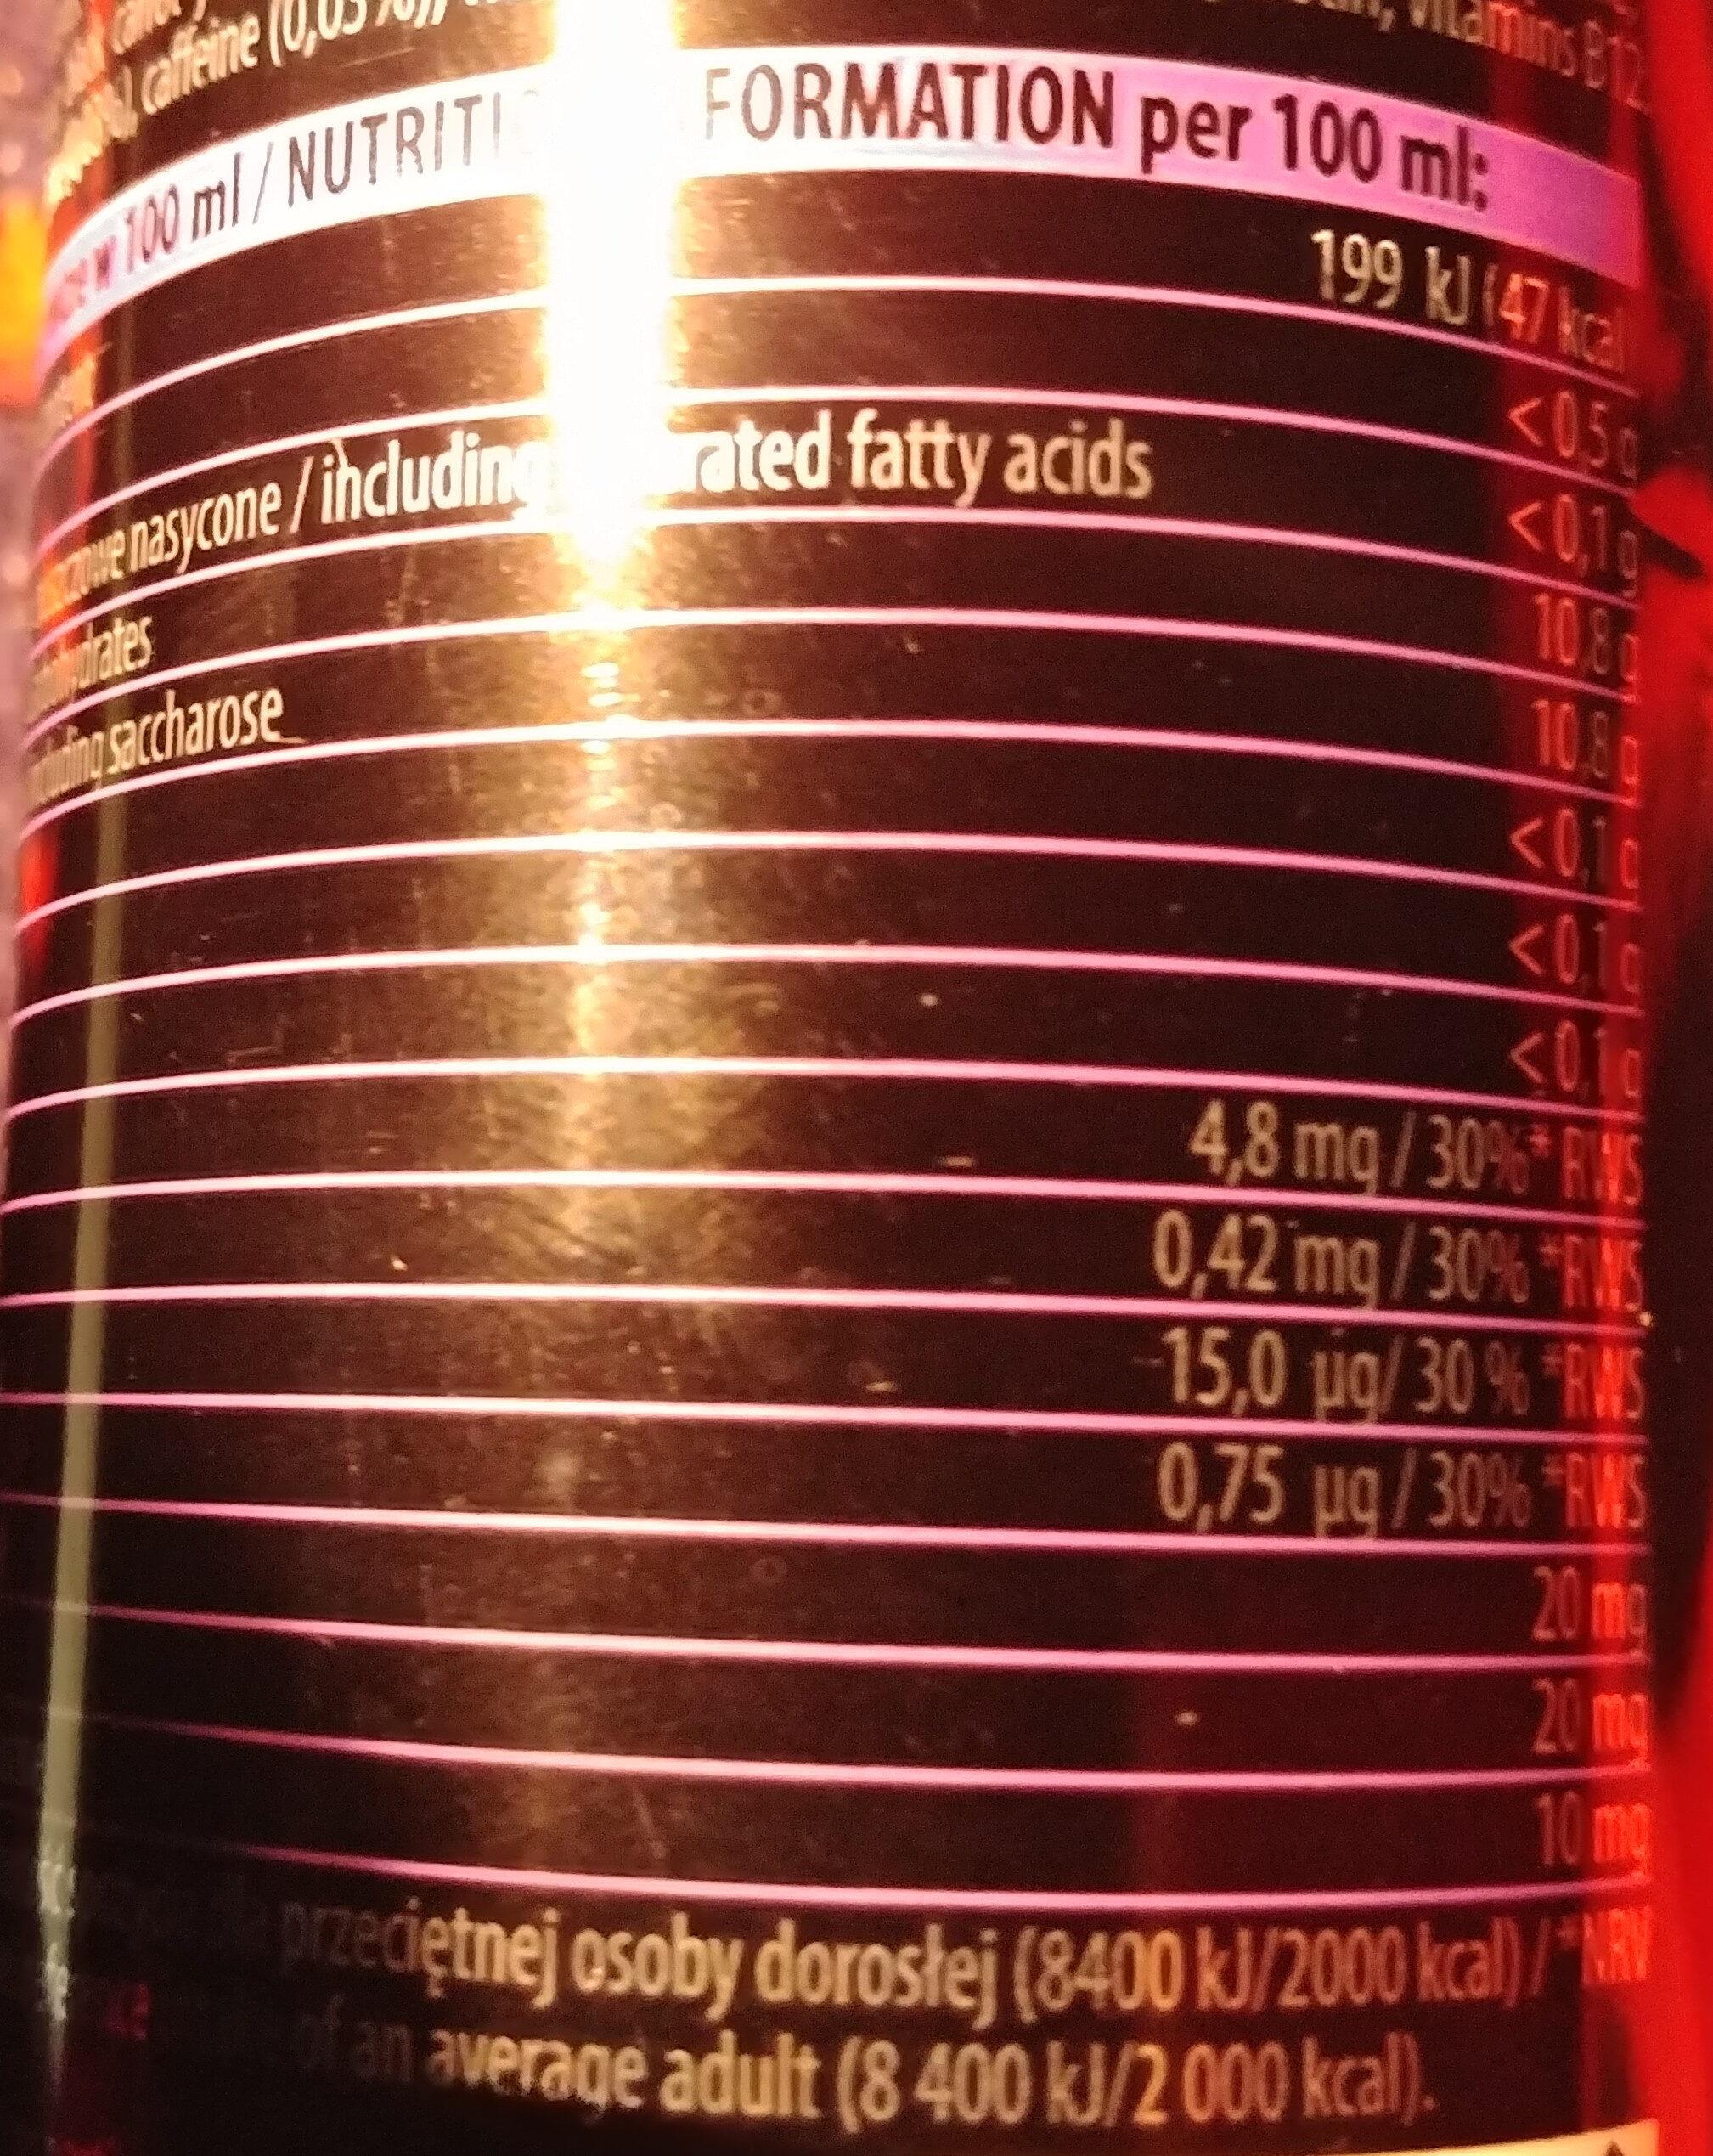 Napój energetyczny gazowany o smaku owocowym z aminokwasami - Wartości odżywcze